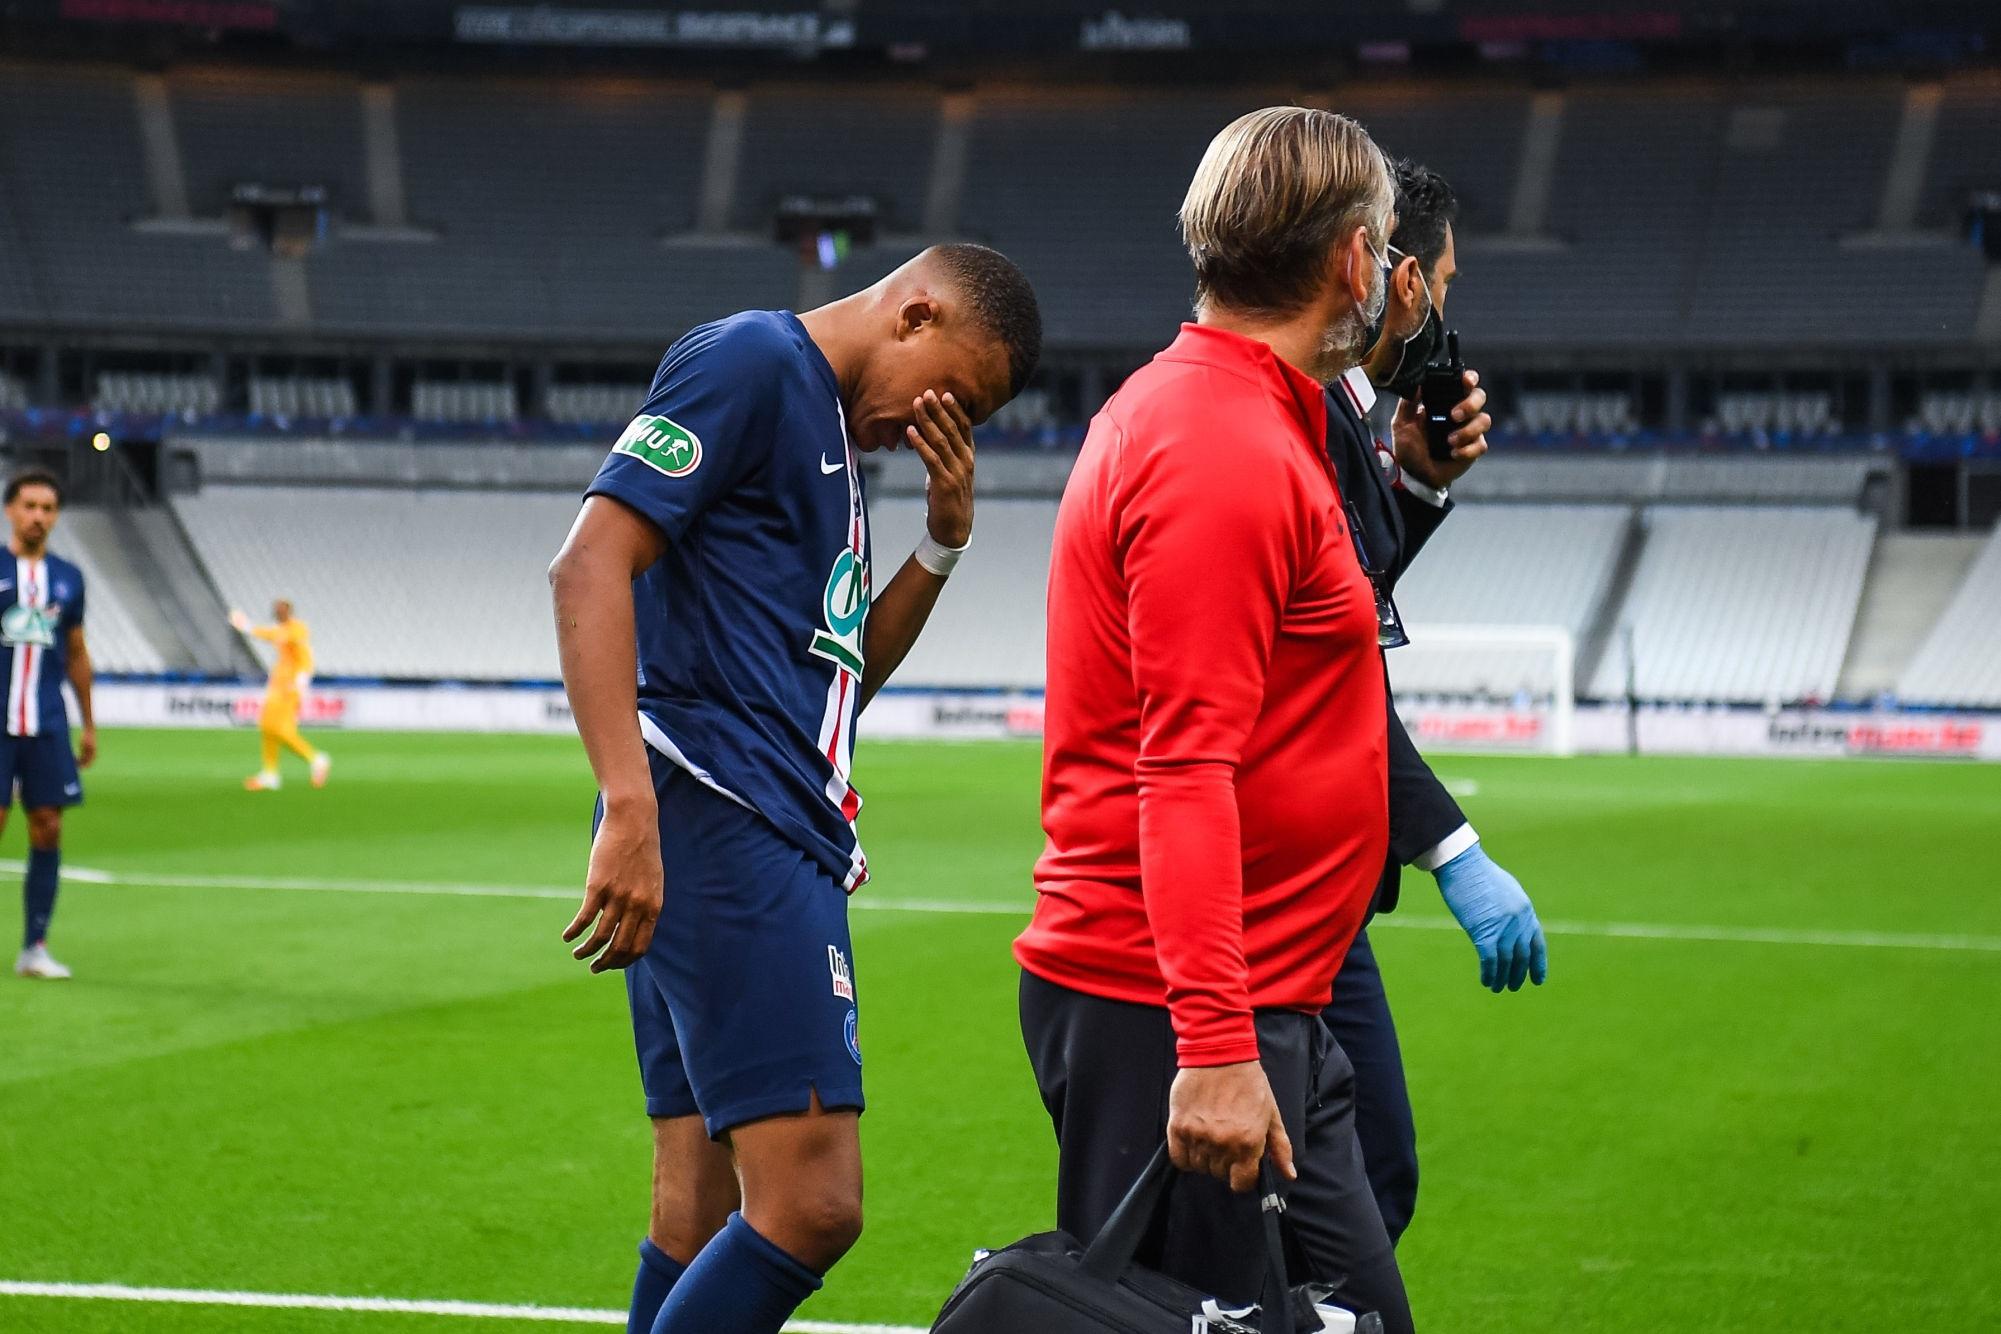 Officiel - Le PSG précise la blessure de Mbappé, le forfait contre l'Atalanta quasiment certain